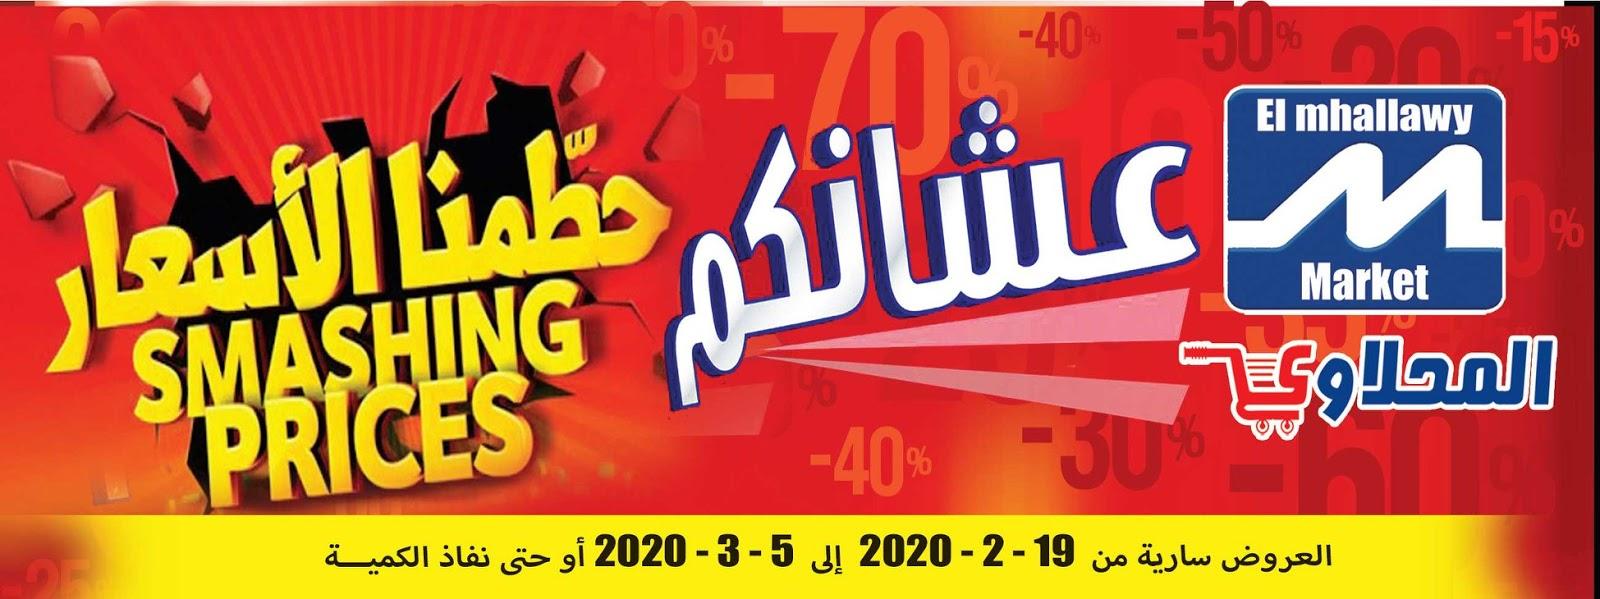 عروض المحلاوى من 19 فبراير حتى 5 مارس 2020 حطمنا الاسعار